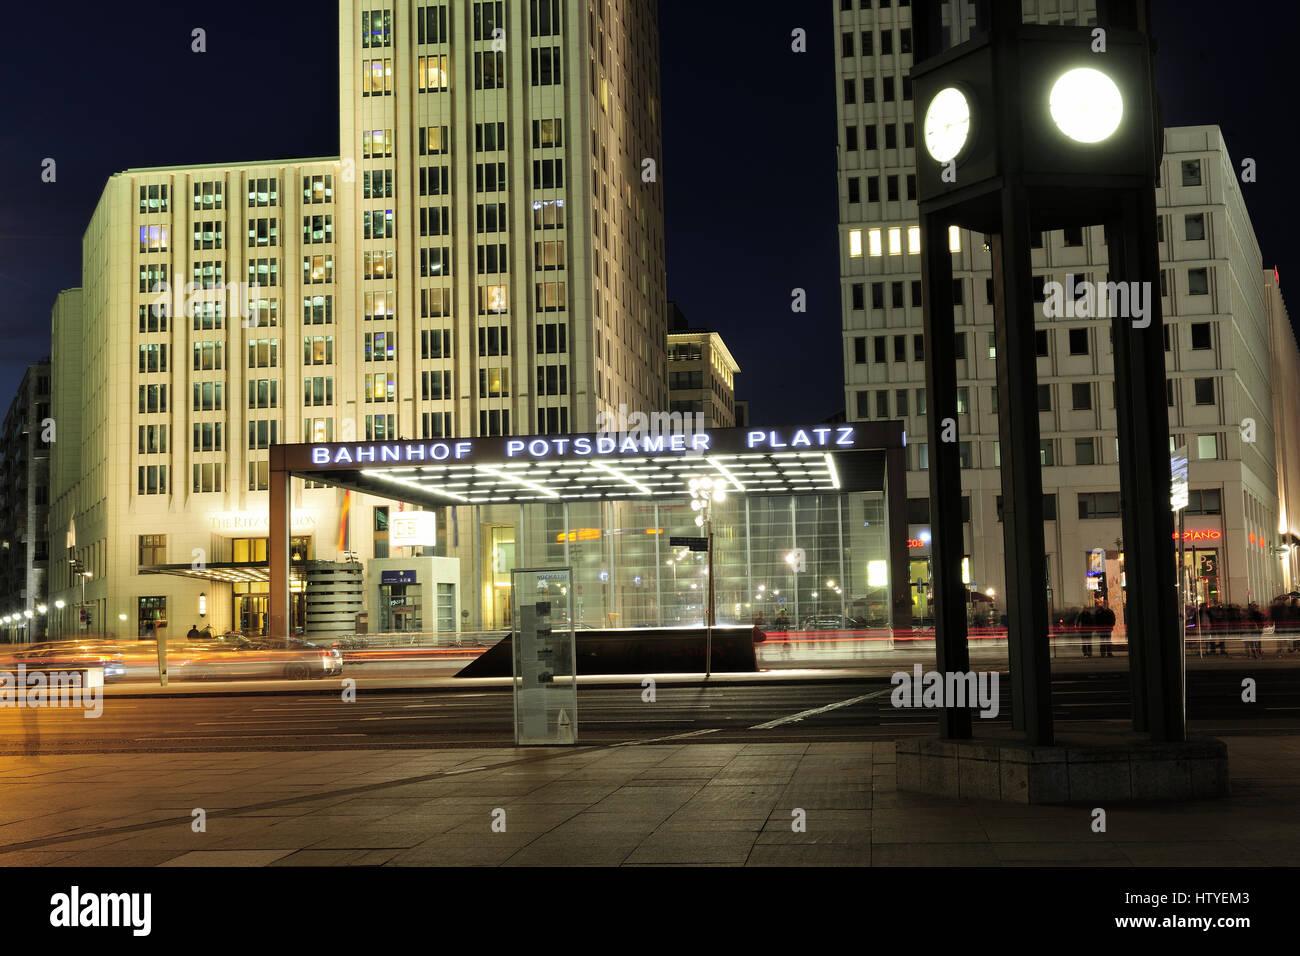 Berlin, Potsdamer Platz, real, Reise, reisen, Ritz, Ritz Carlton Hotel, sehenswuerdigkeit, Sightseeing, skycraper, Stockbild